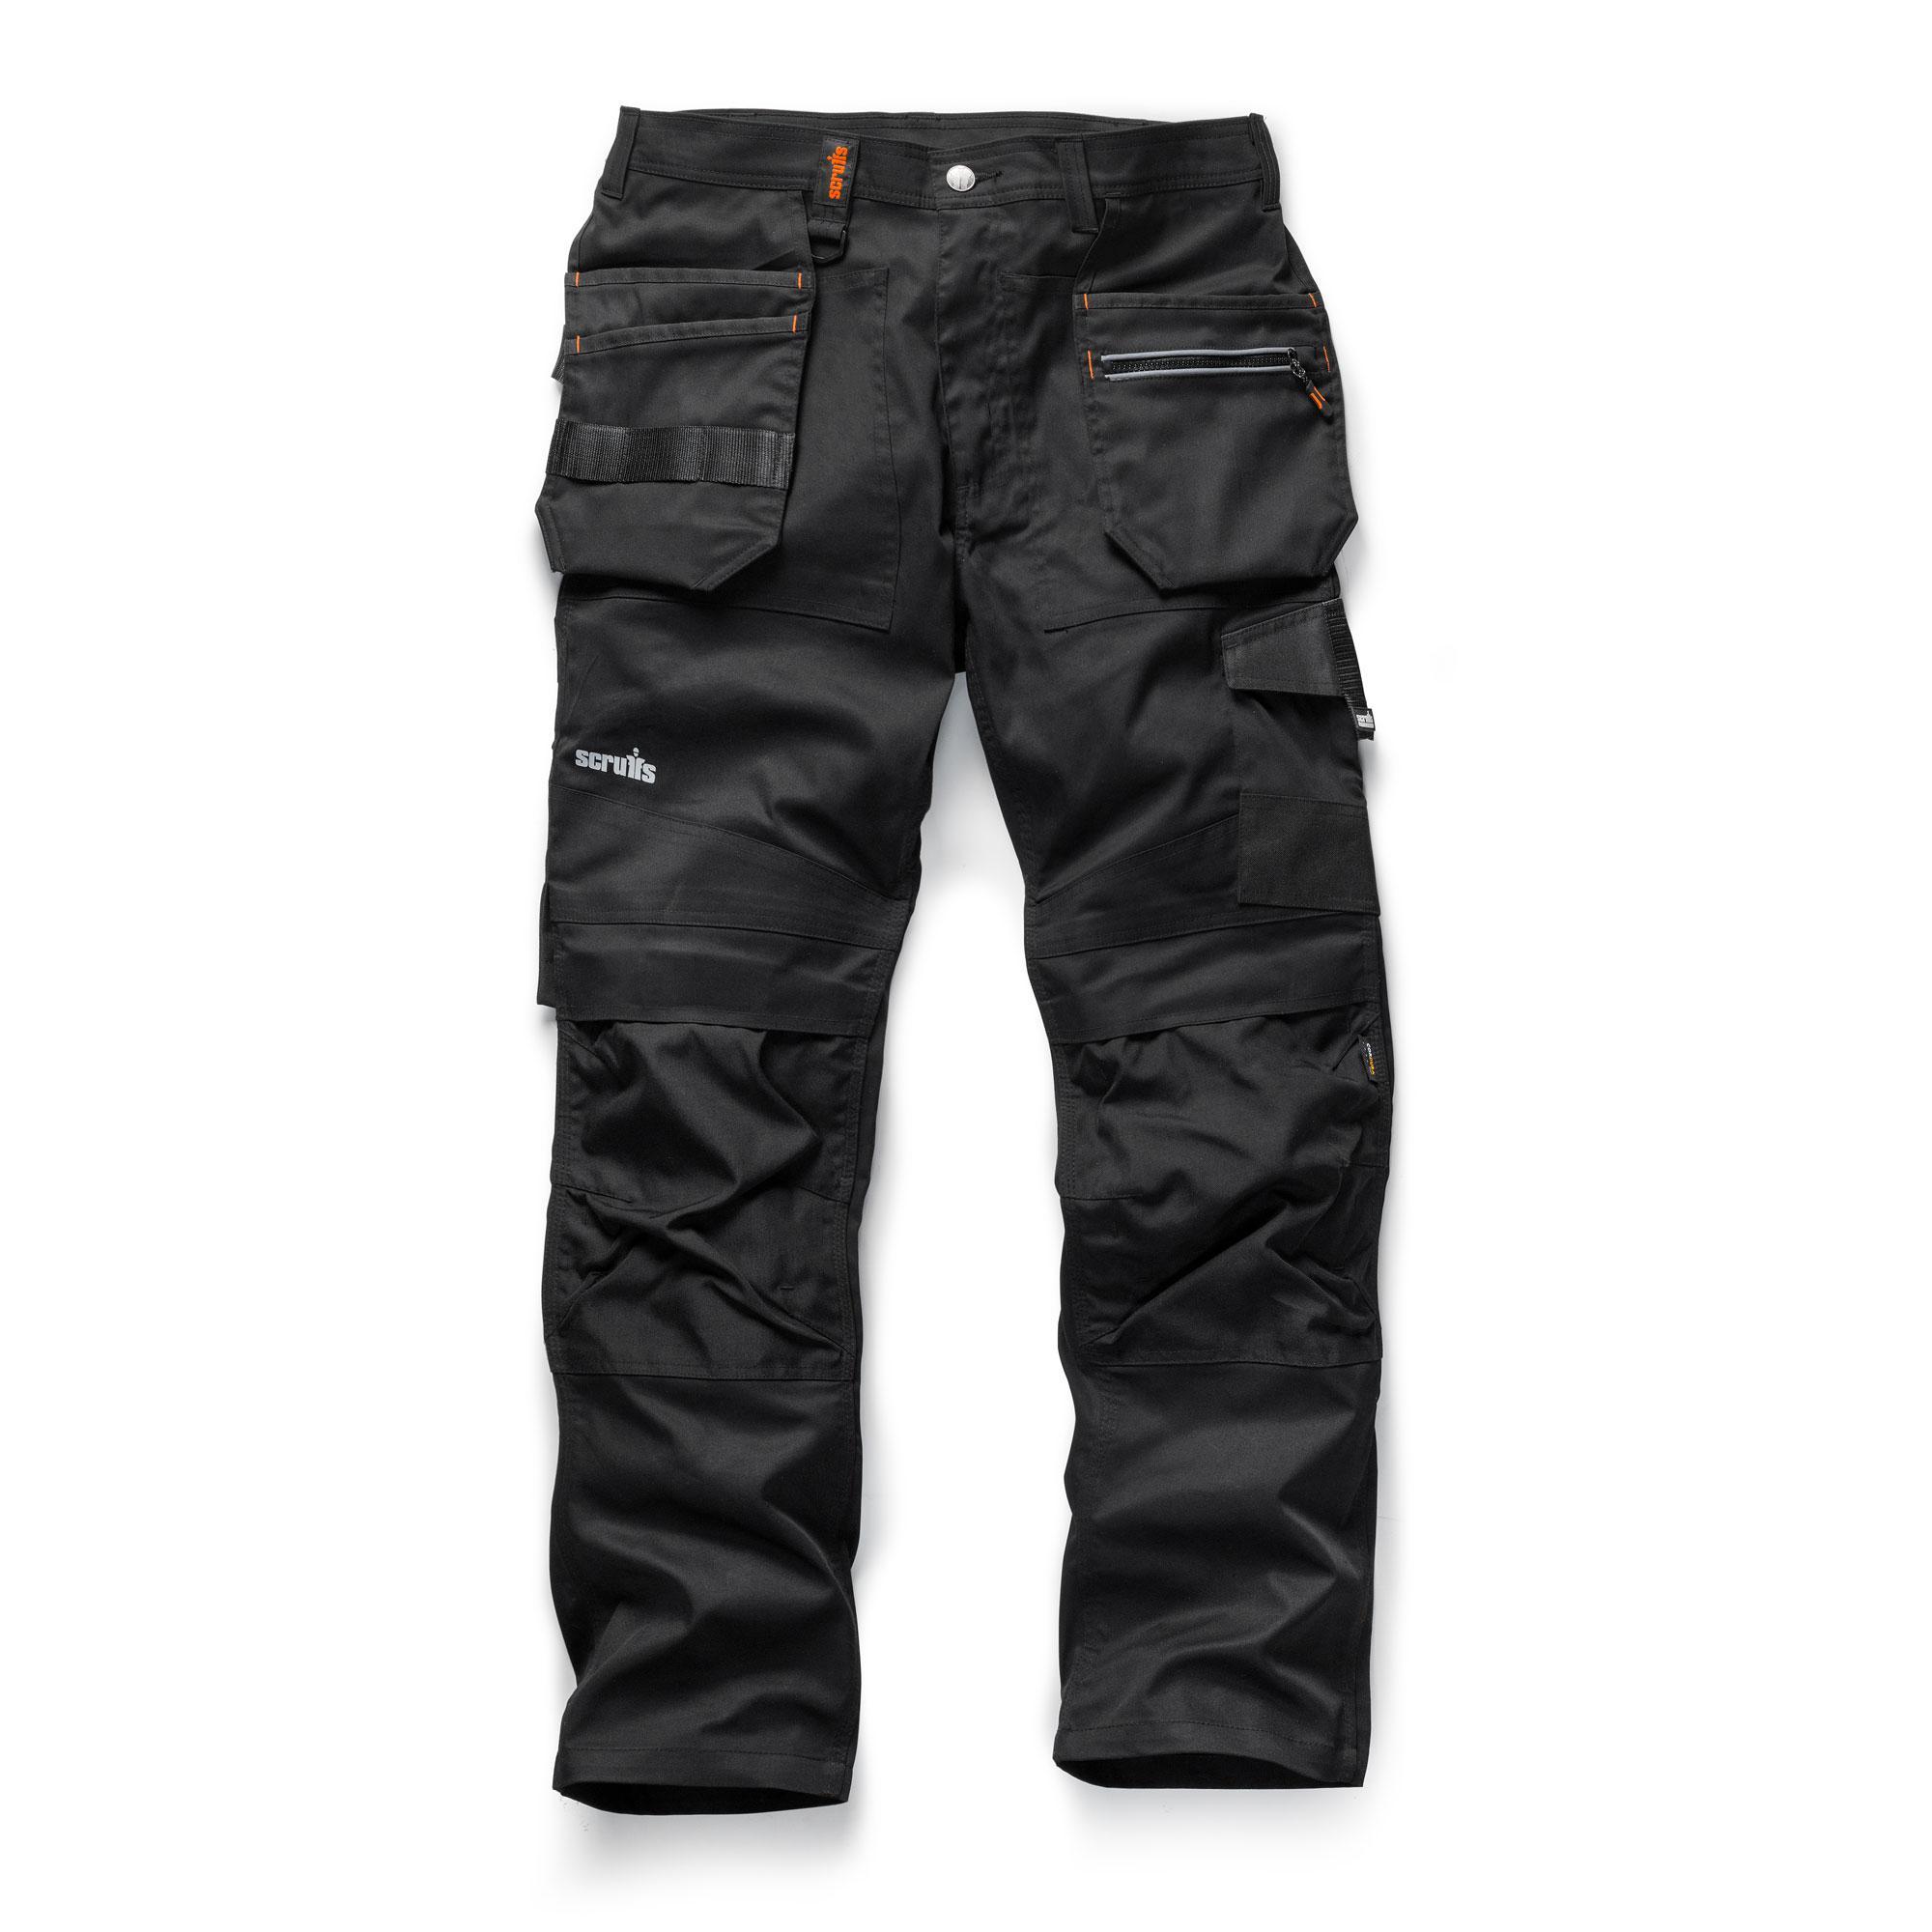 4eb60cd7 Zoom Scruffs Trade Flex Trousers Black. Close